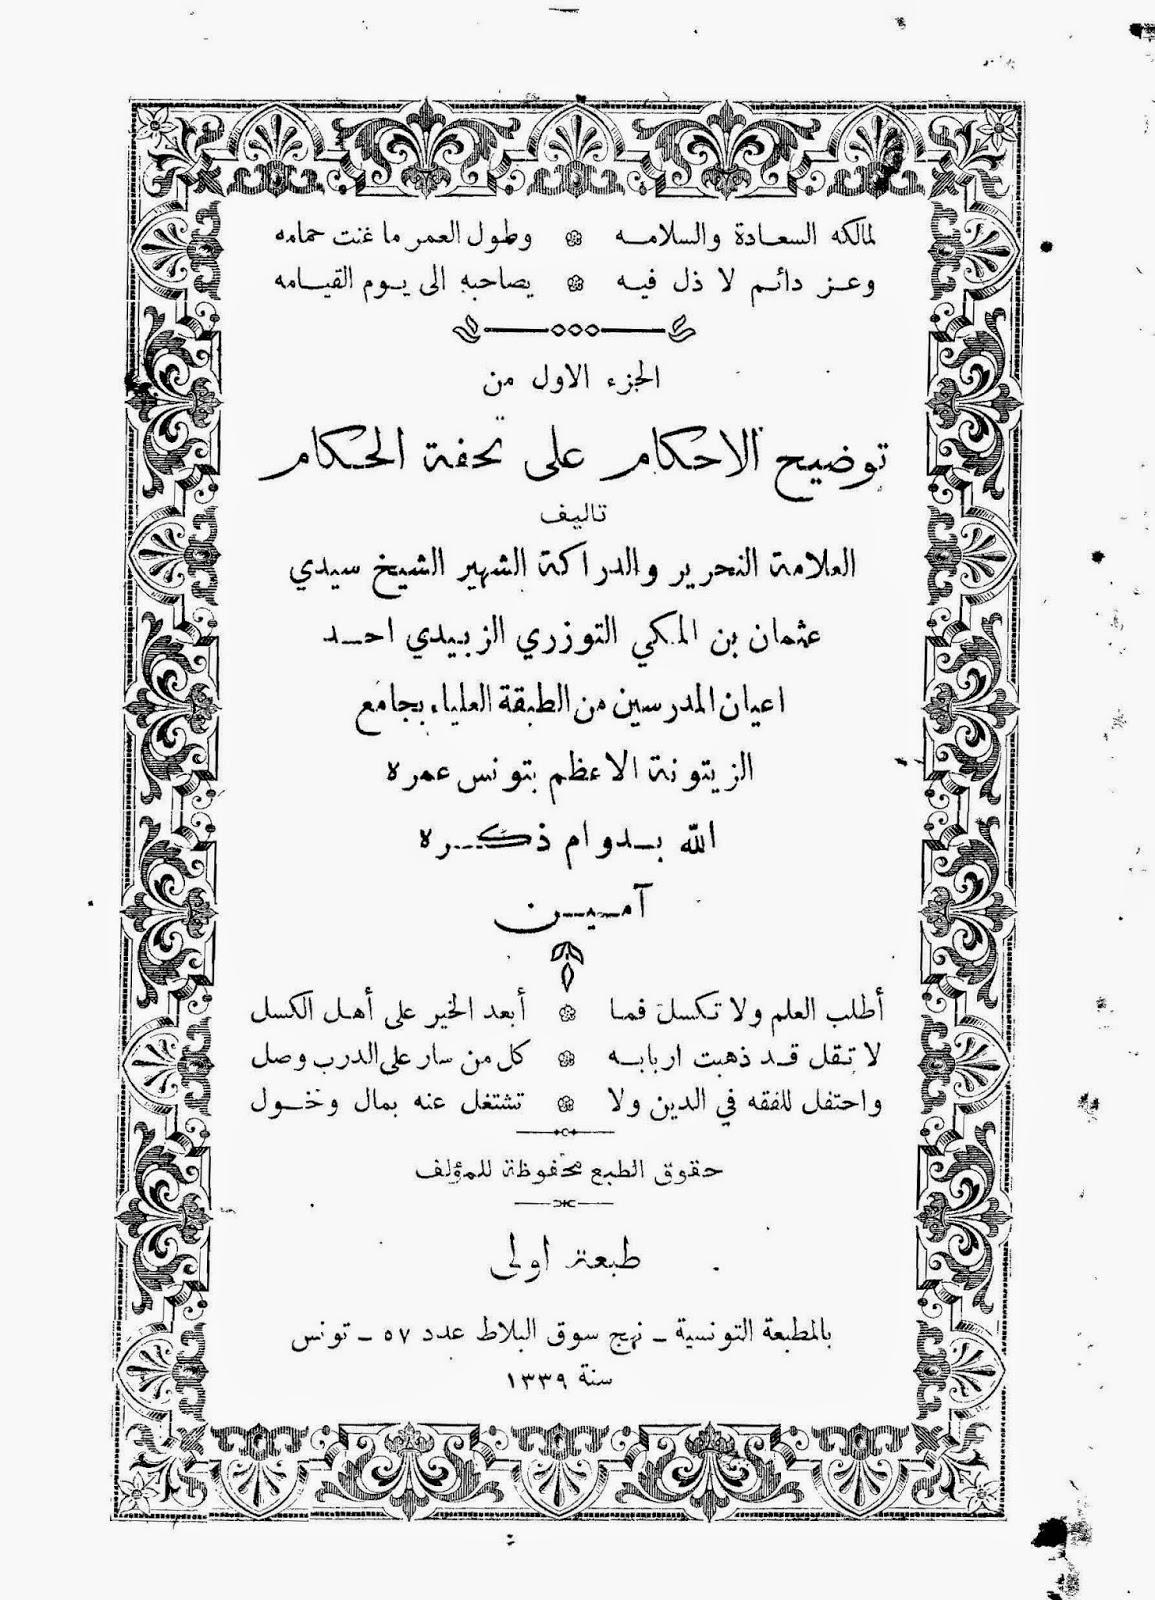 توضيح الأحكام على تحفة الحكام لـ عثمان بن مكي التوزري